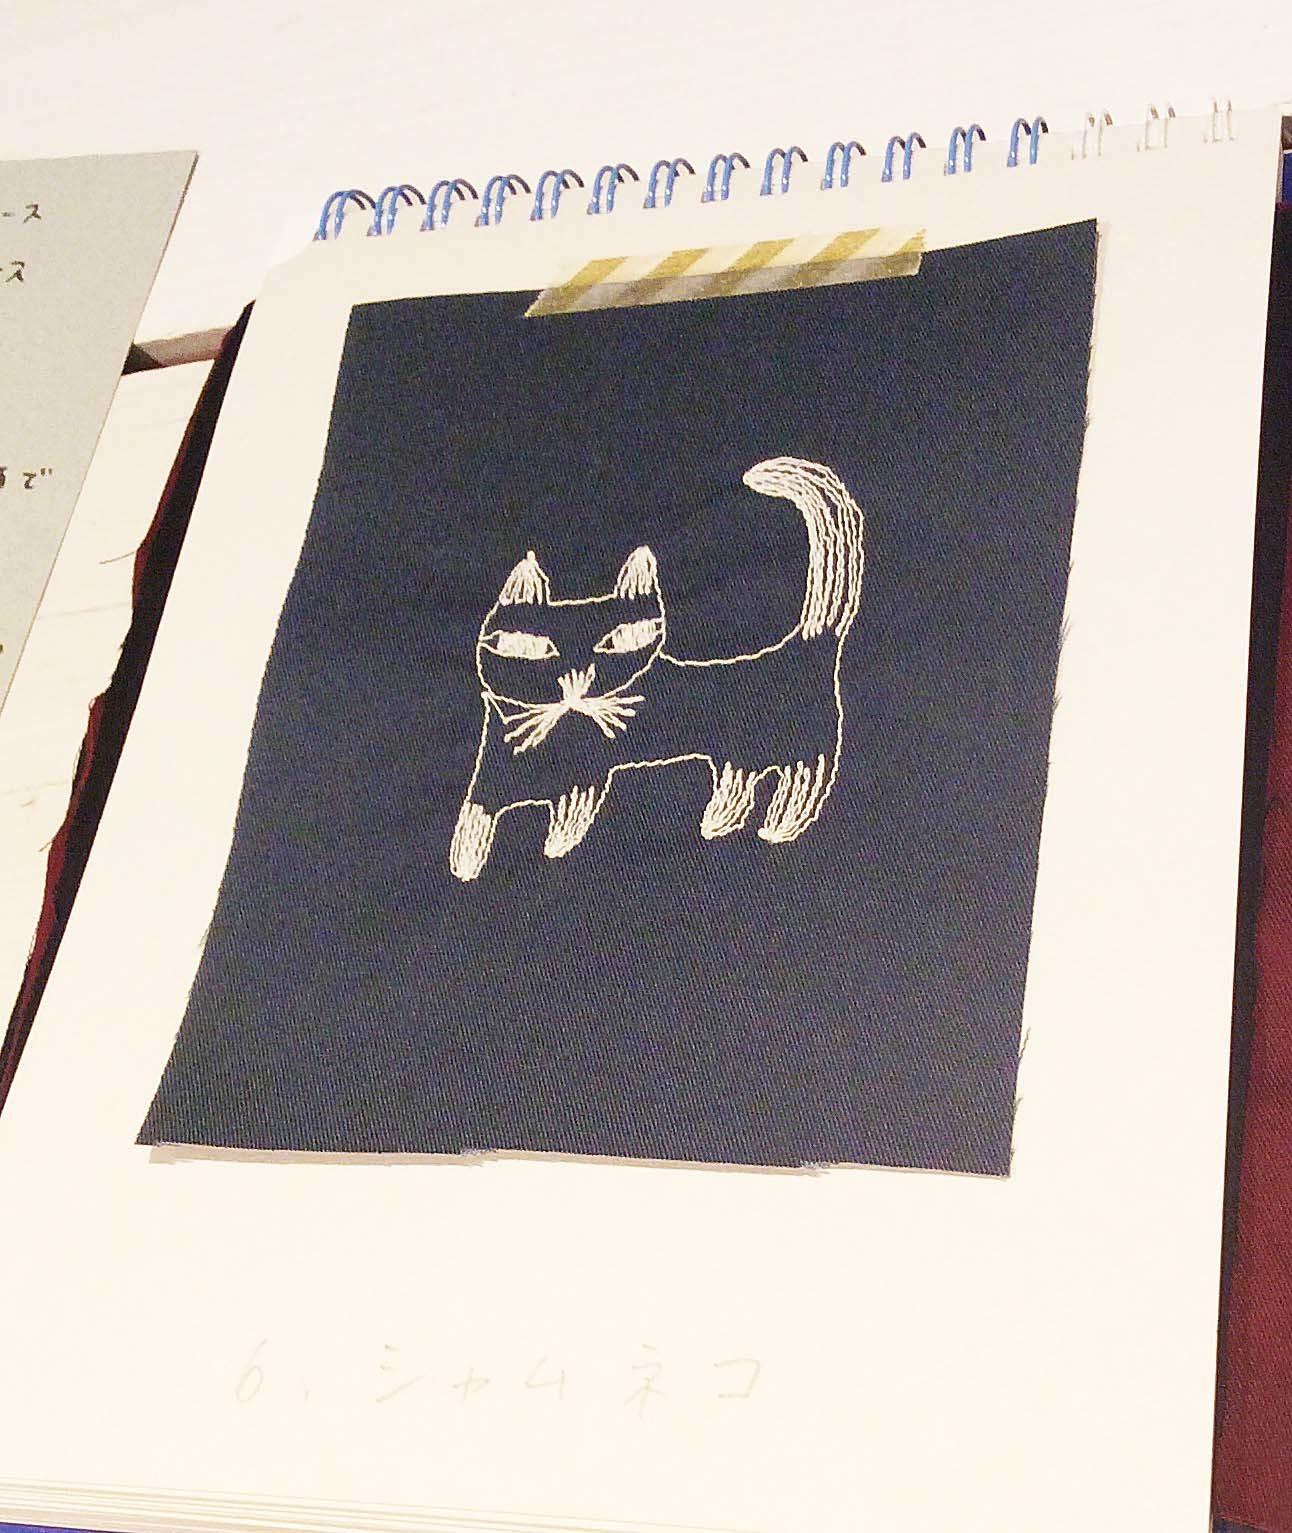 【〜10/31】風子 刺繍のワンピース&スカート受注会 開催中!_b0184796_16545676.jpg